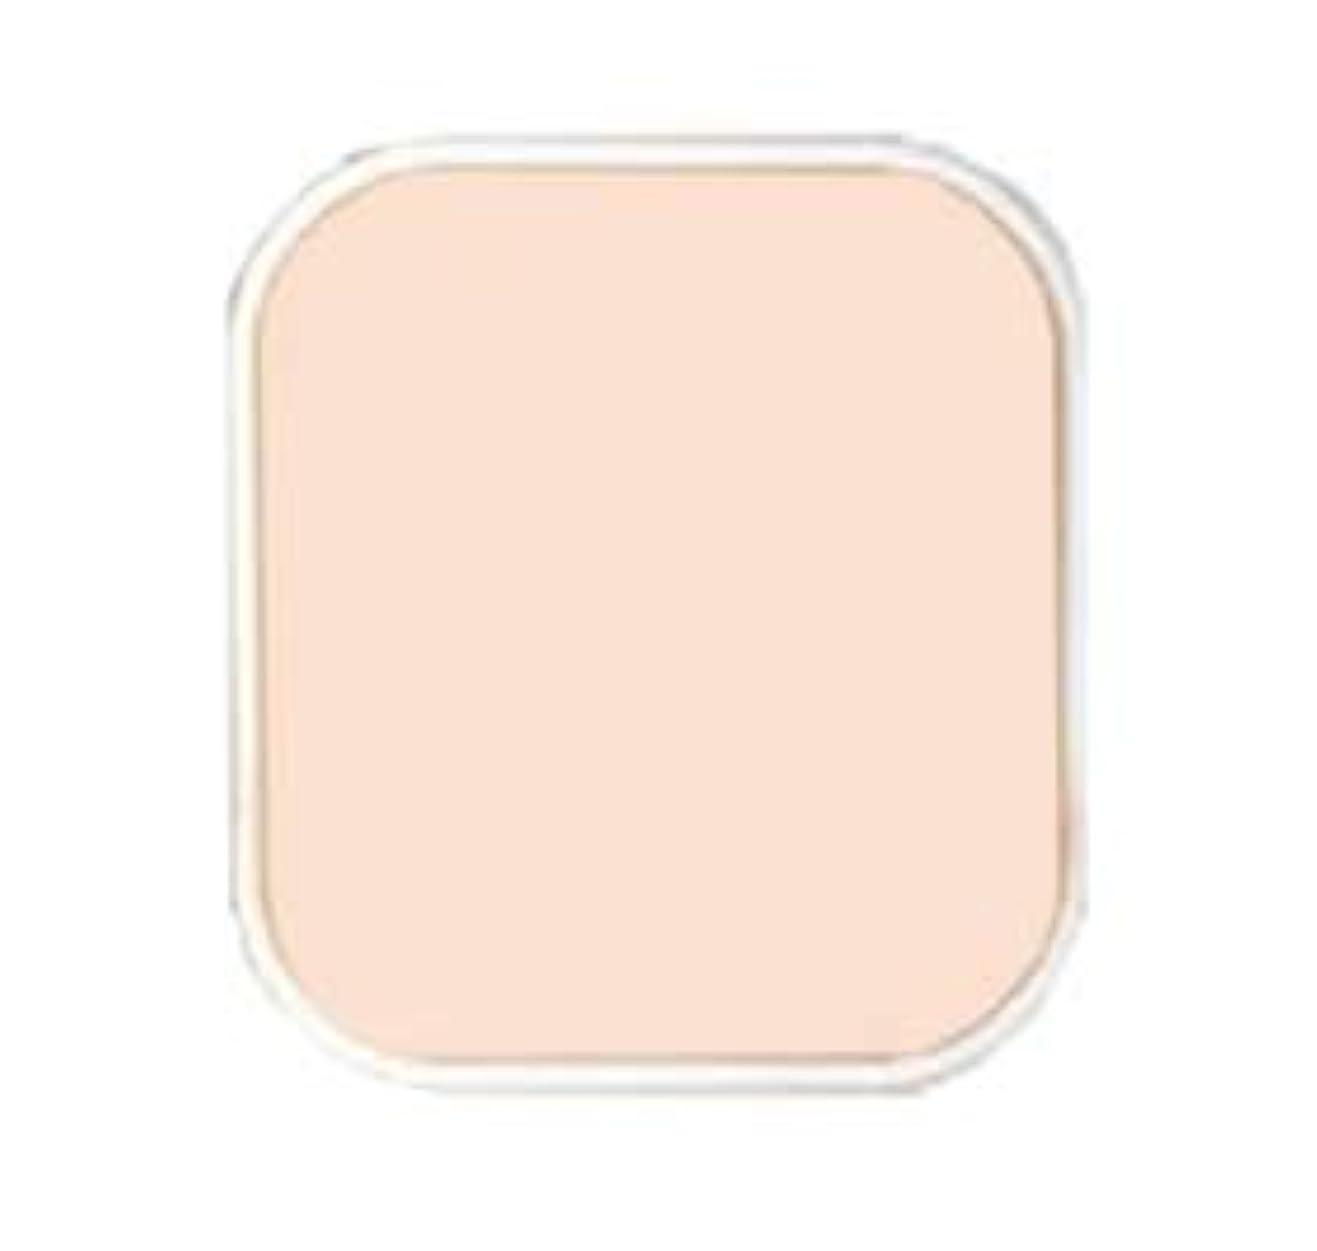 トラックページ帝国アクセーヌ クリーミィファンデーションPV(リフィル)<P10明るいピンク系>※ケース別売り(11g)